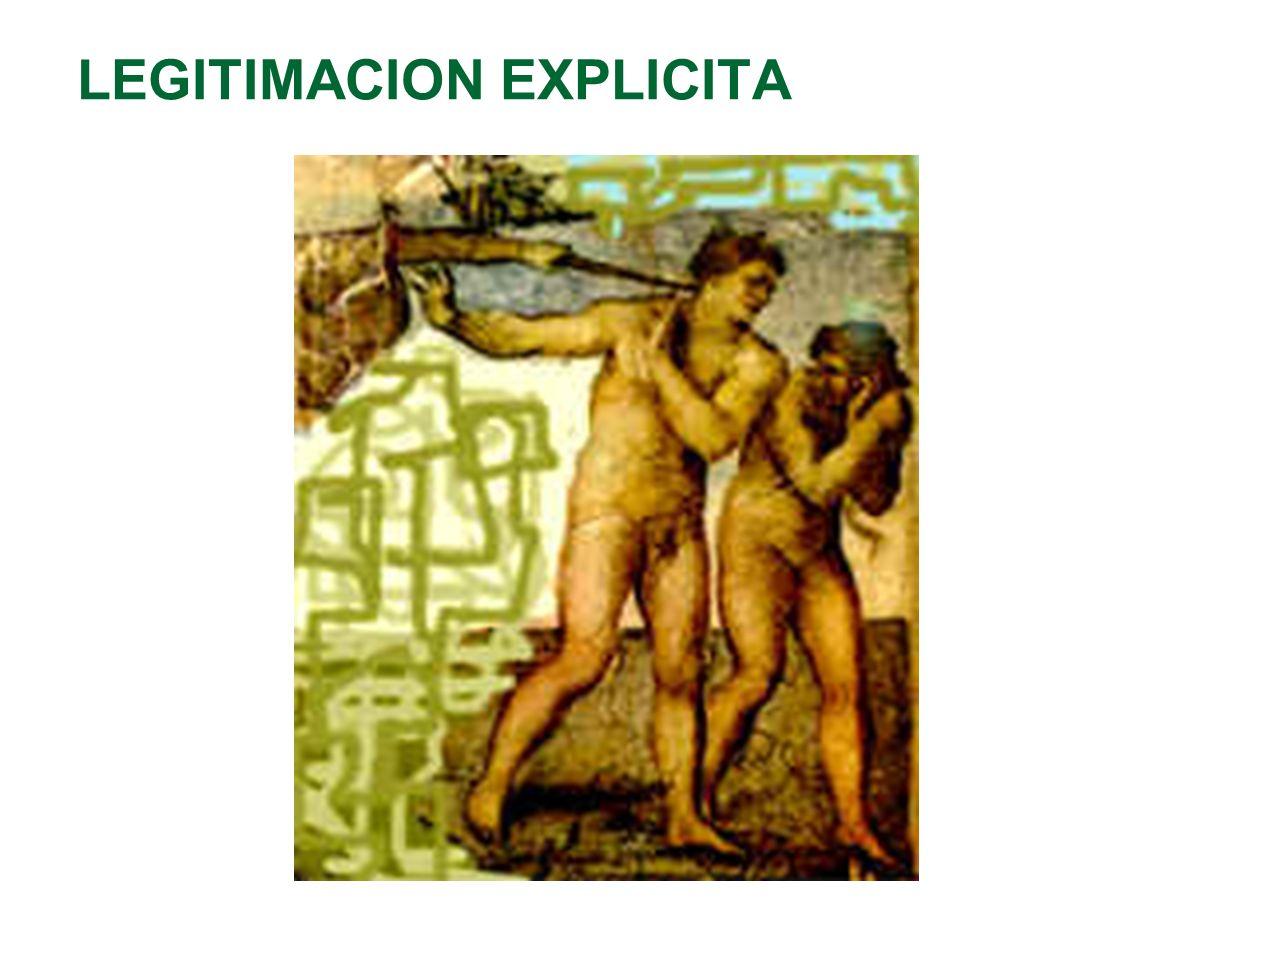 LEGITIMACION EXPLICITA